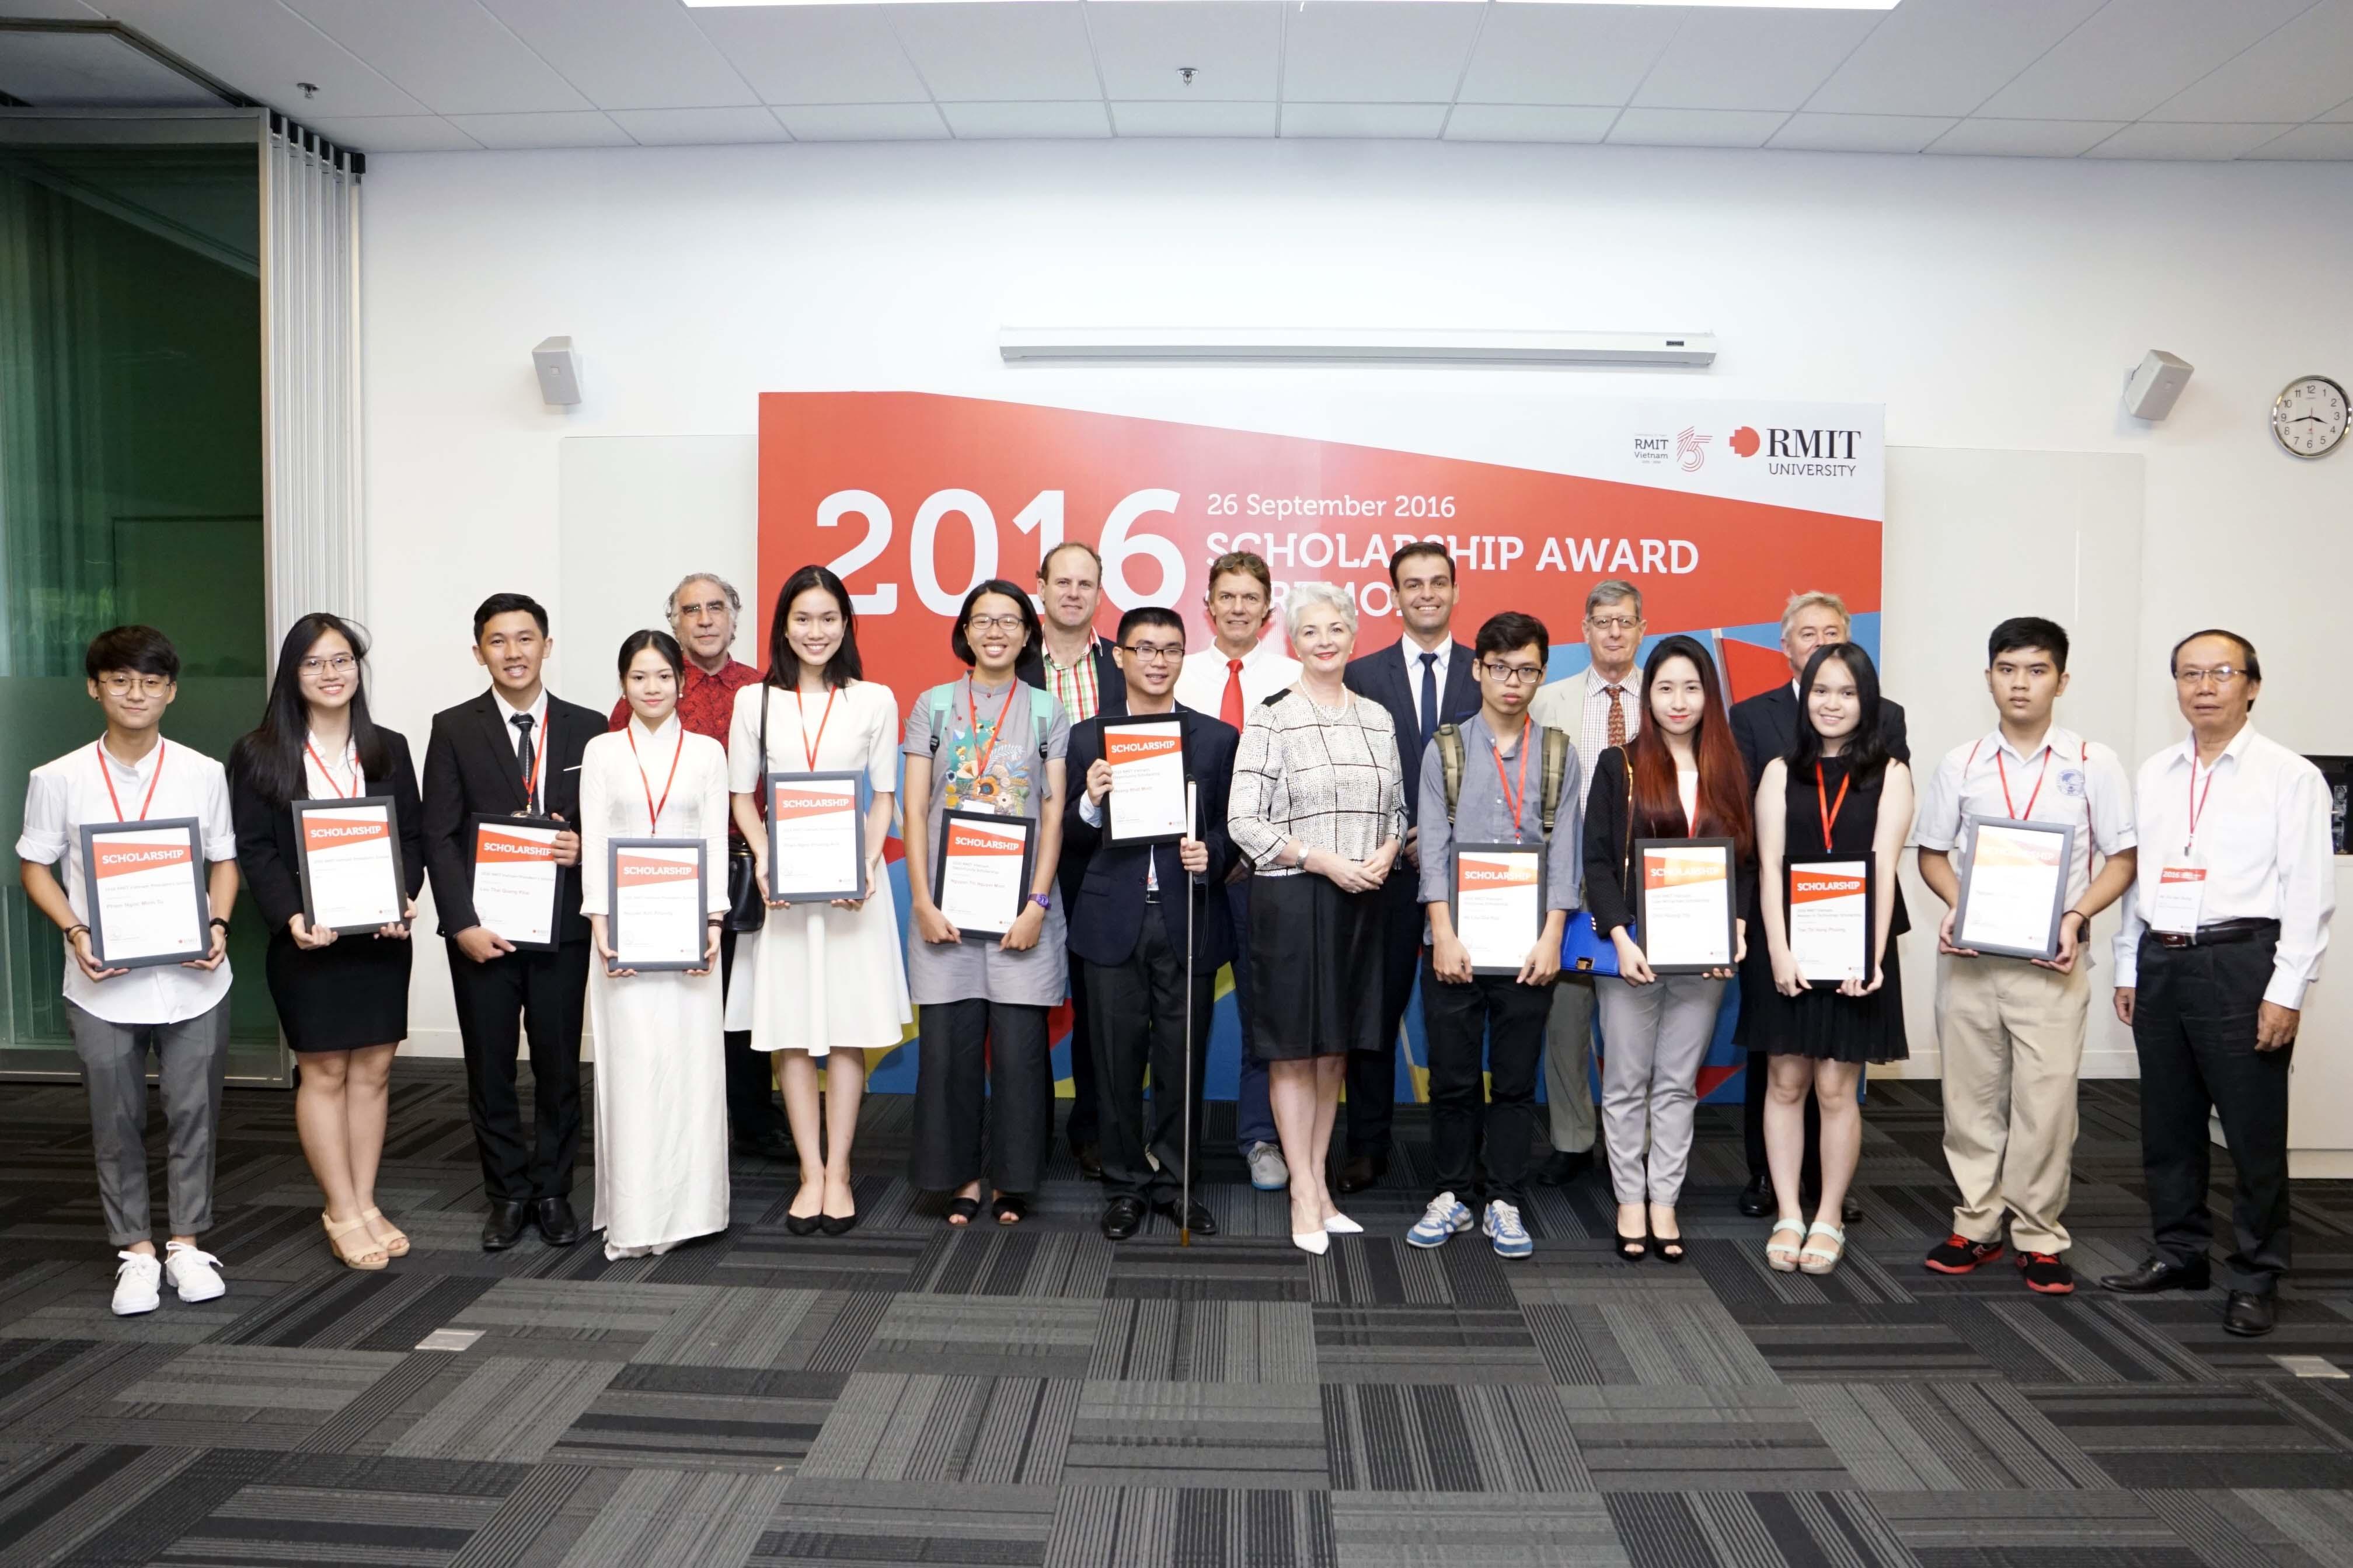 Trao học bổng 2016 tại RMIT TPHCM 1 - RMIT Việt Nam trao tặng học bổng trị giá hơn 27.5 tỉ đồng